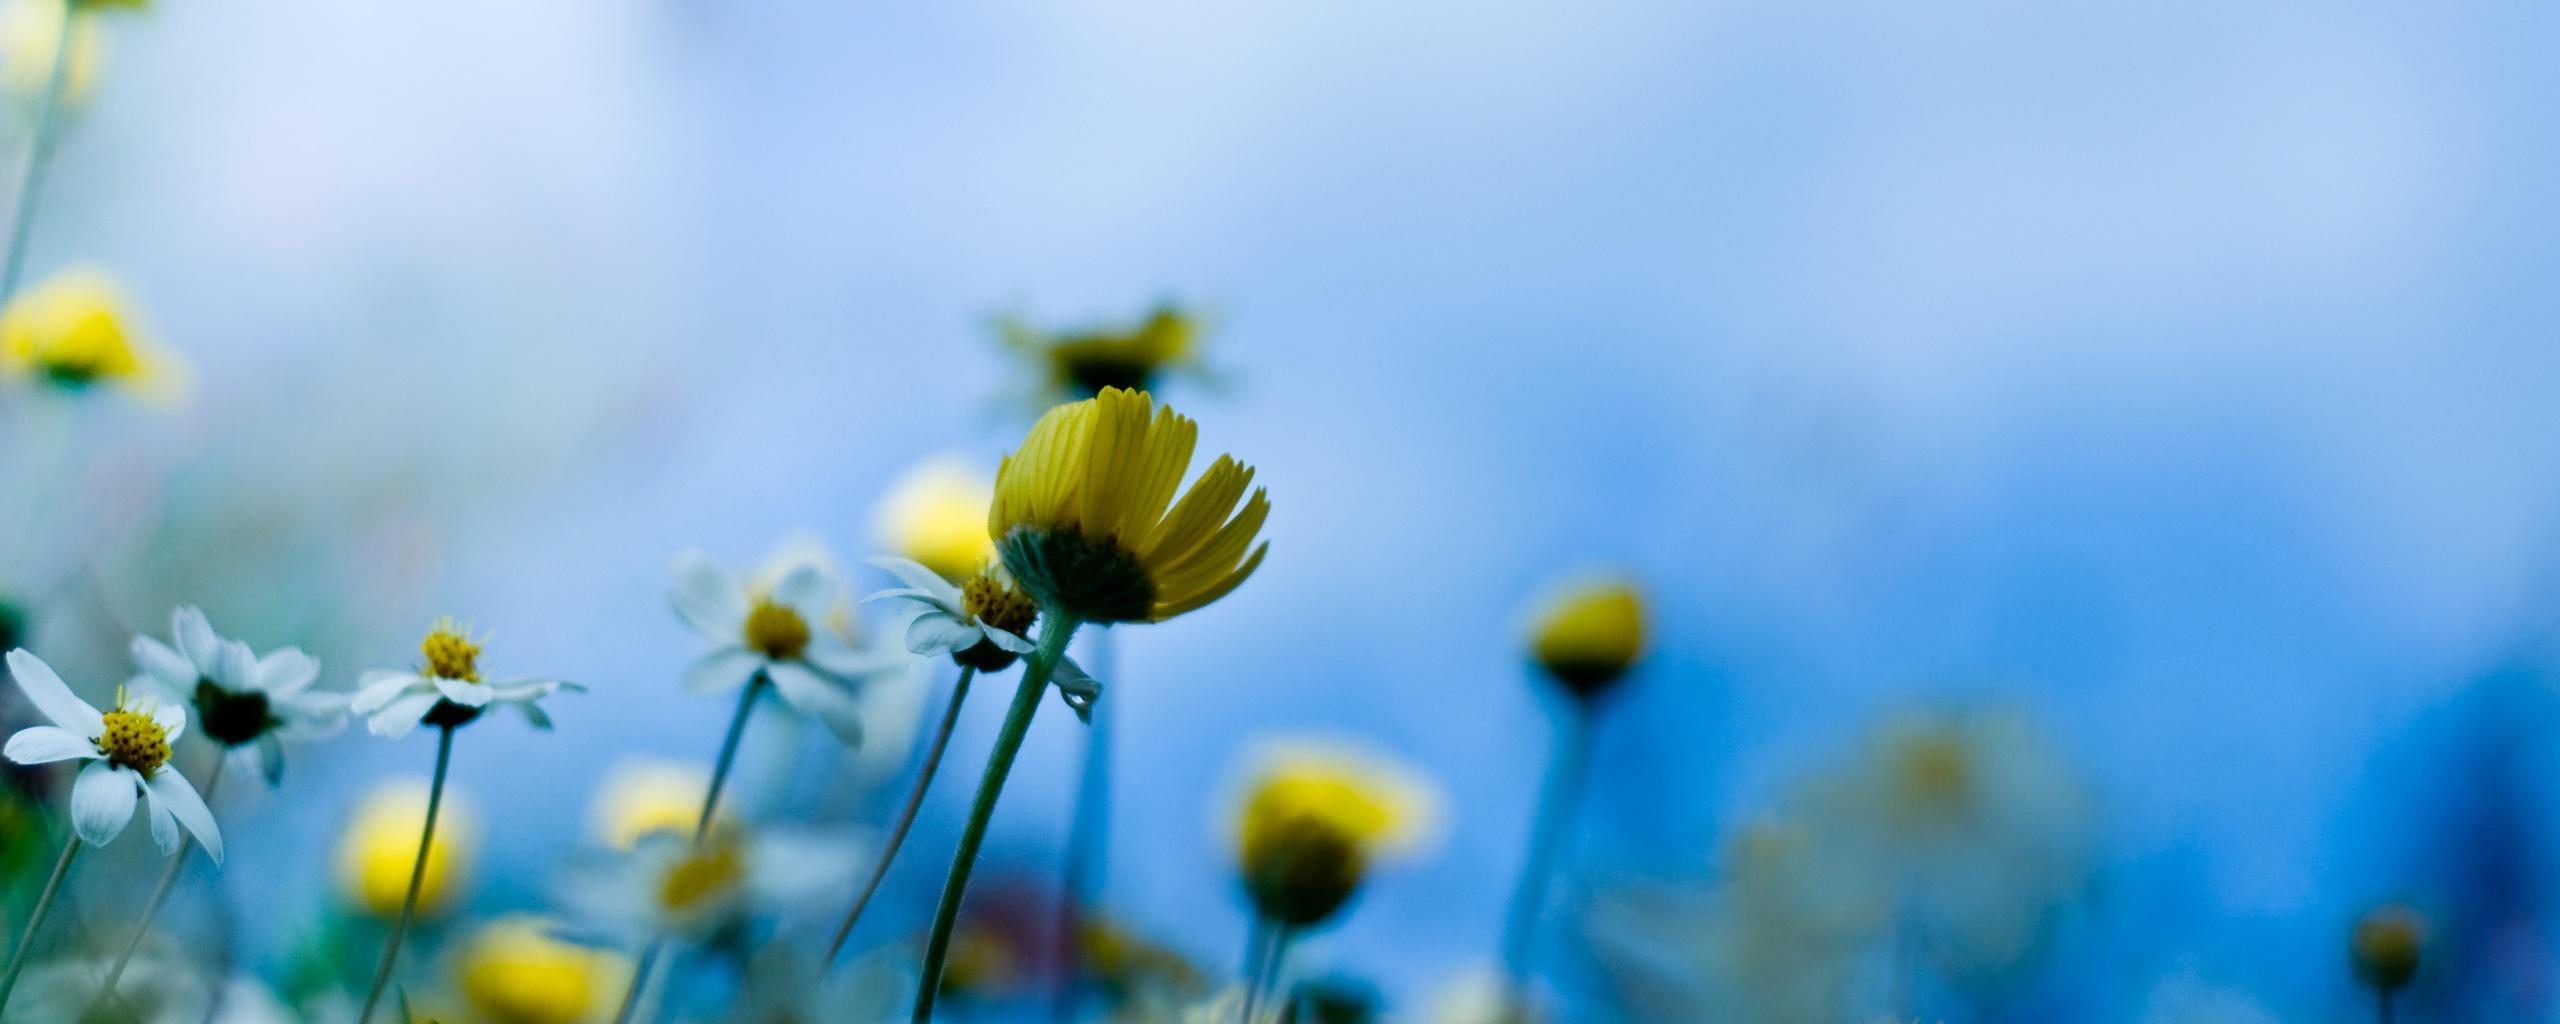 Обои цветы луговые цветы красивый